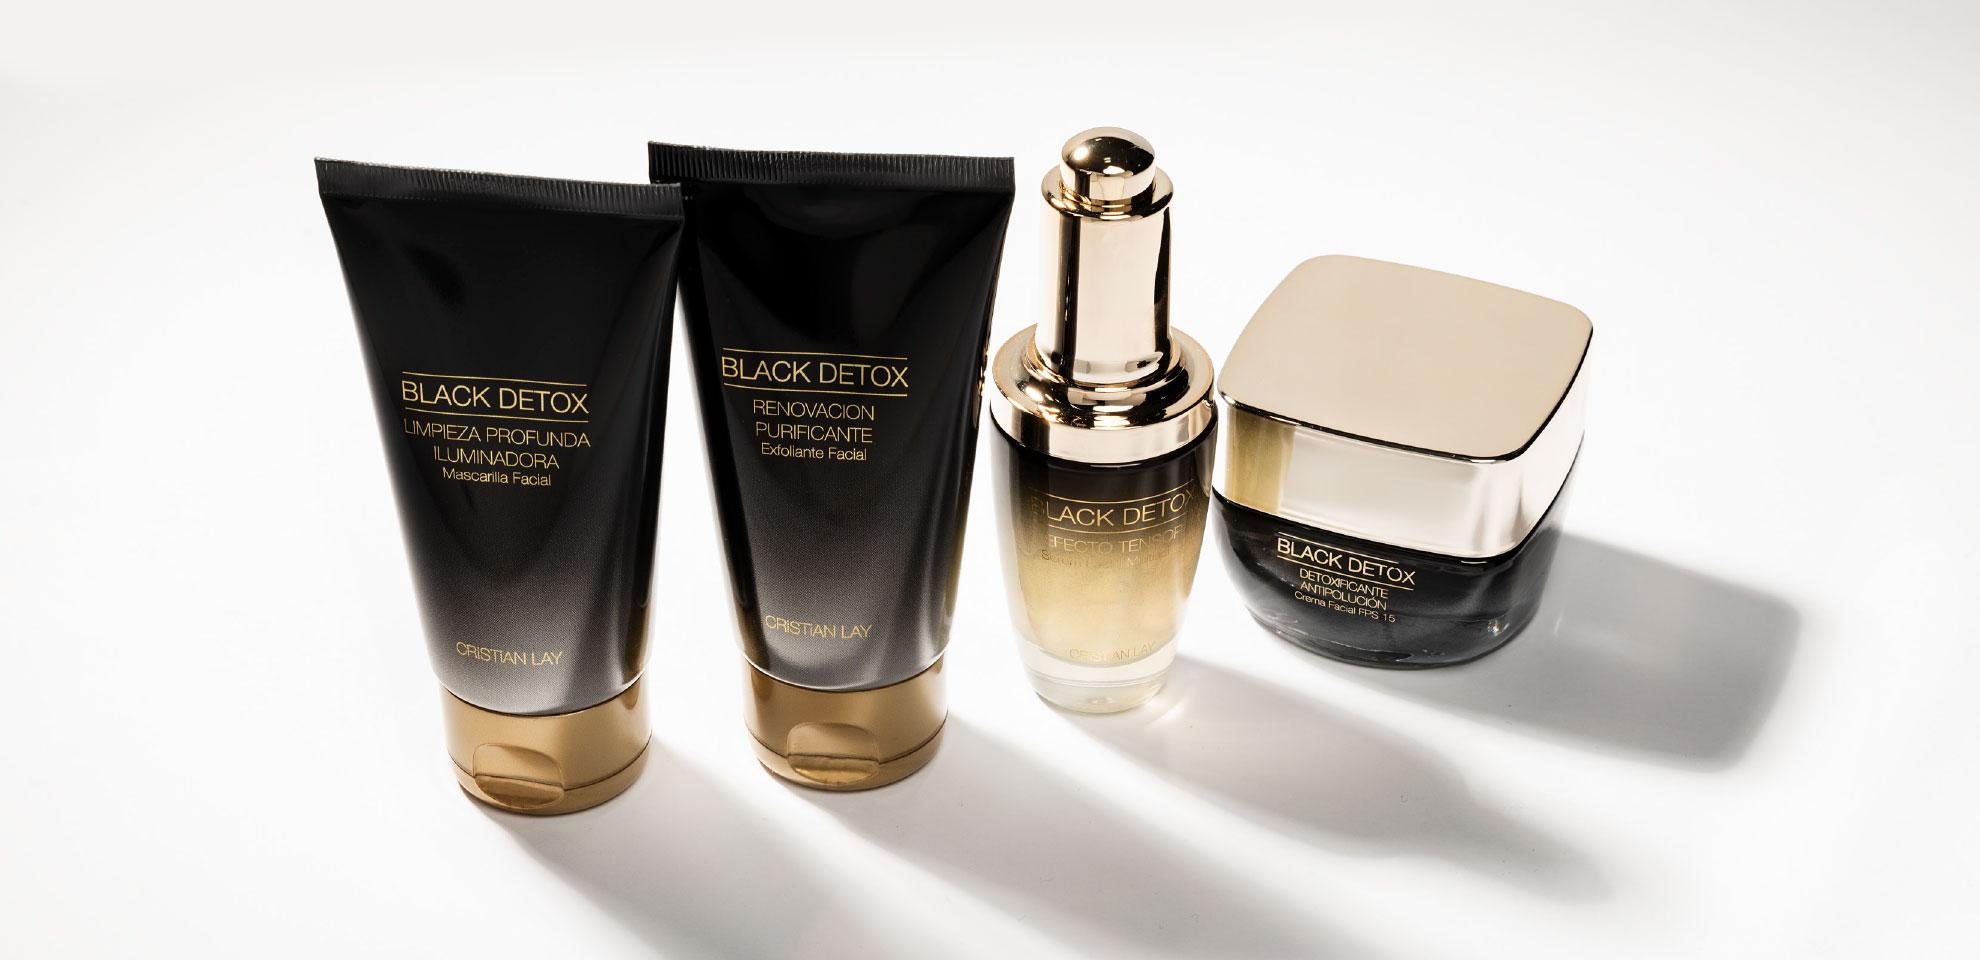 Productos Tratamiento Black Detox